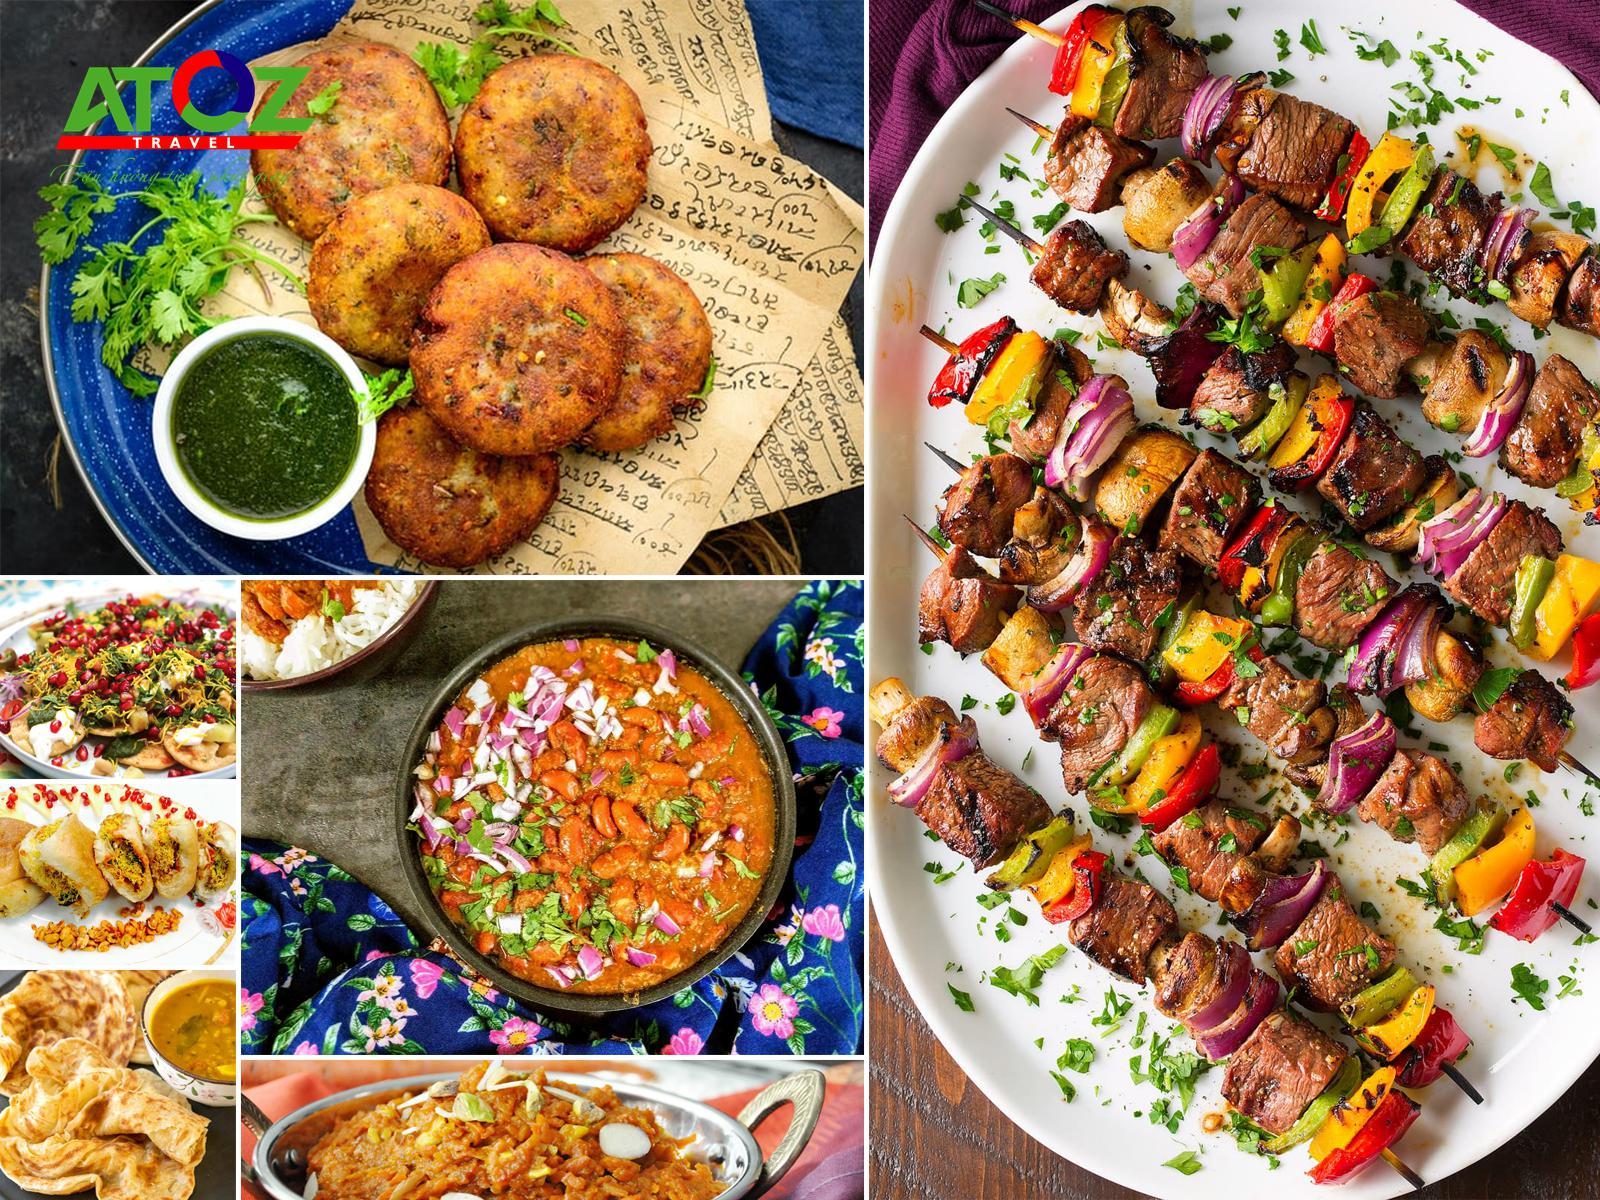 6 món ăn tuy dân dã nhưng không thể bỏ qua khi đến Ấn Độ